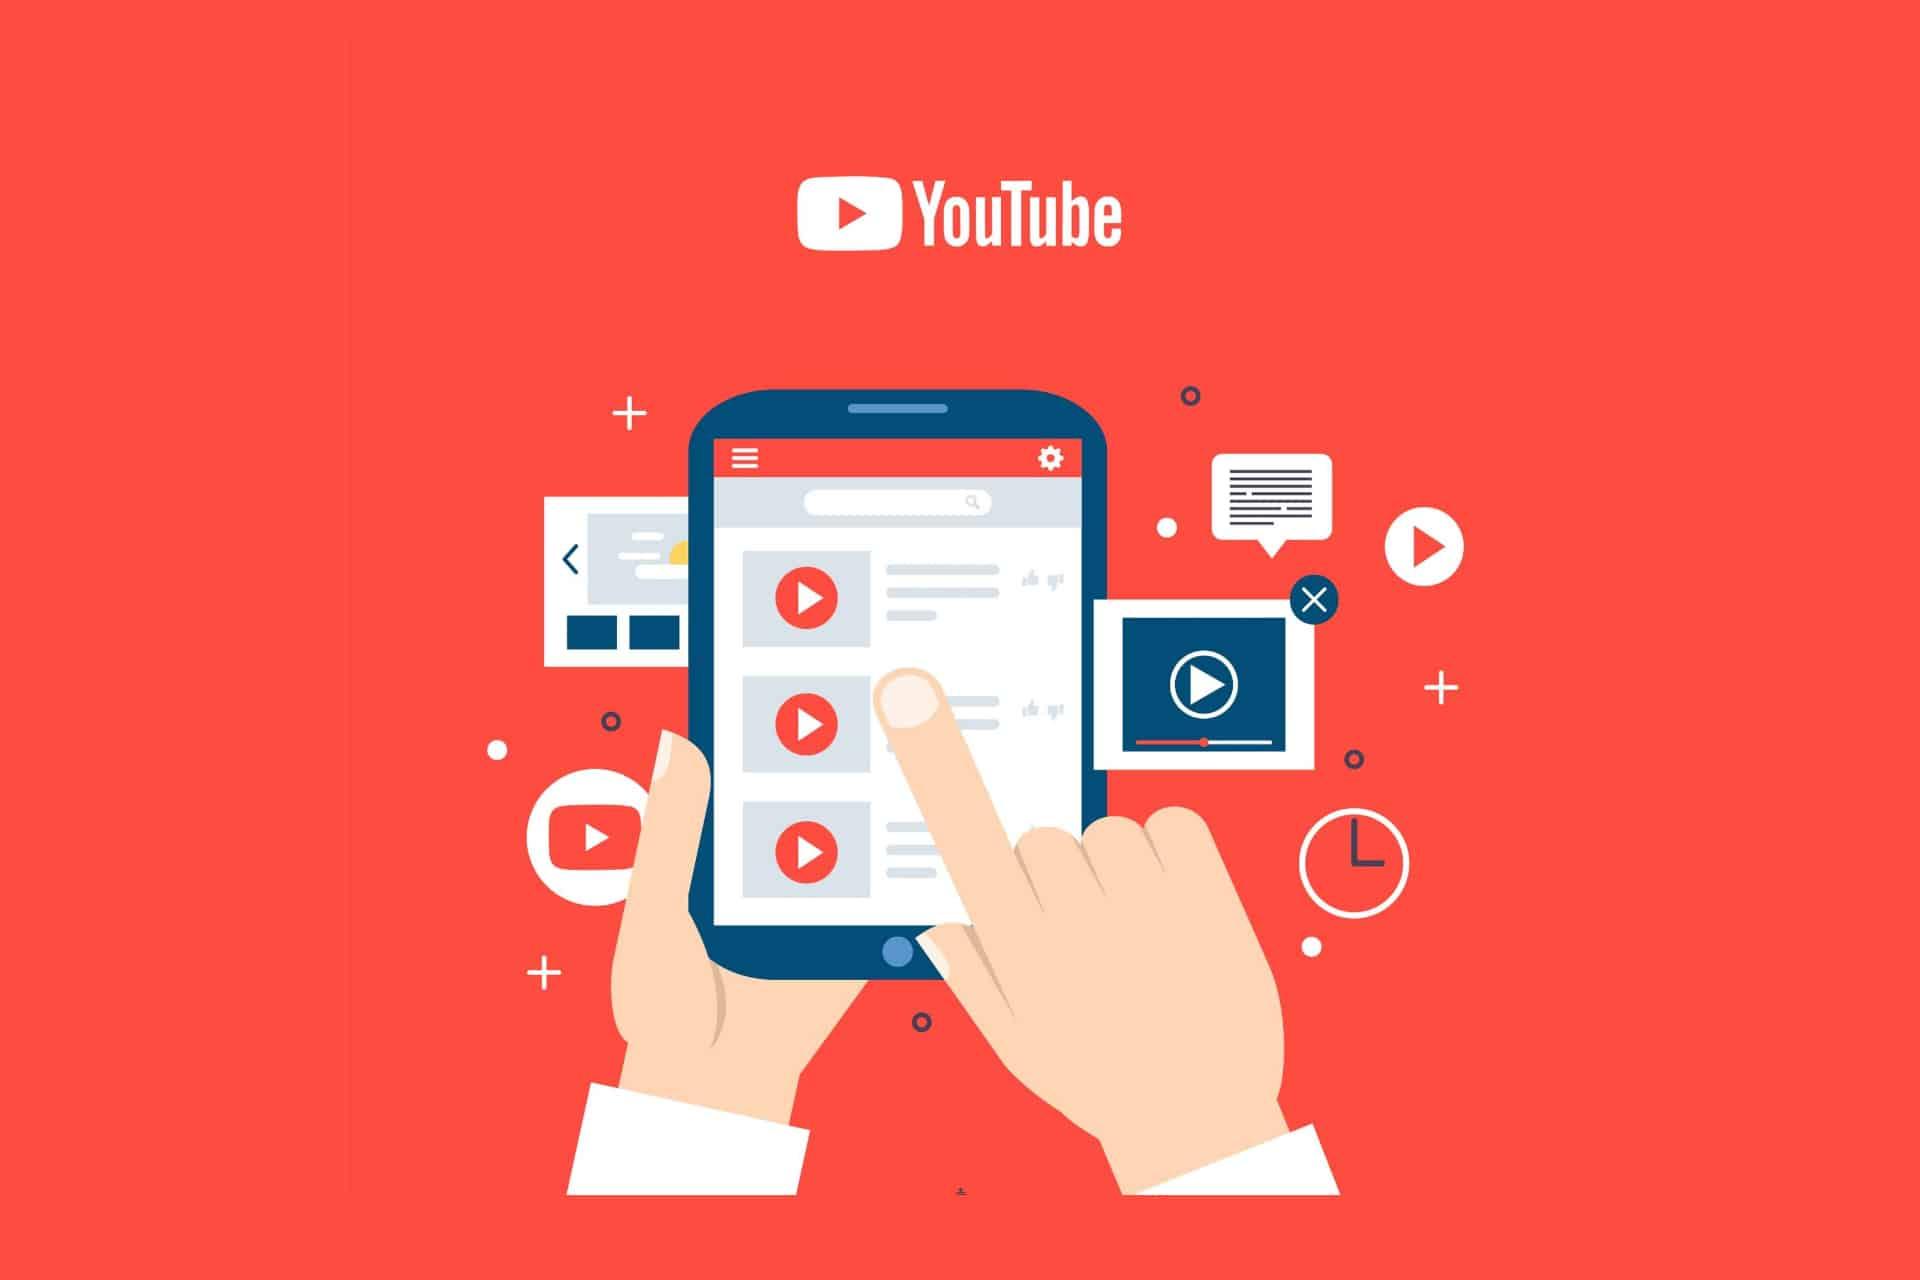 פרסום ביוטיוב יכול להתאים במיוחד לבעלי עסקים שרוצים להגיע לקהל גדול של לקוחות פוטנציאליים חדשים. נכון להיום, YouTube הוא פלטפורמה מס' 1 להפצת תוכן וידאו באינטרנט. בנוסף לזה, כמו שכבר אמרתי, יוטיוב – מנוע החיפוש השני בעולם.